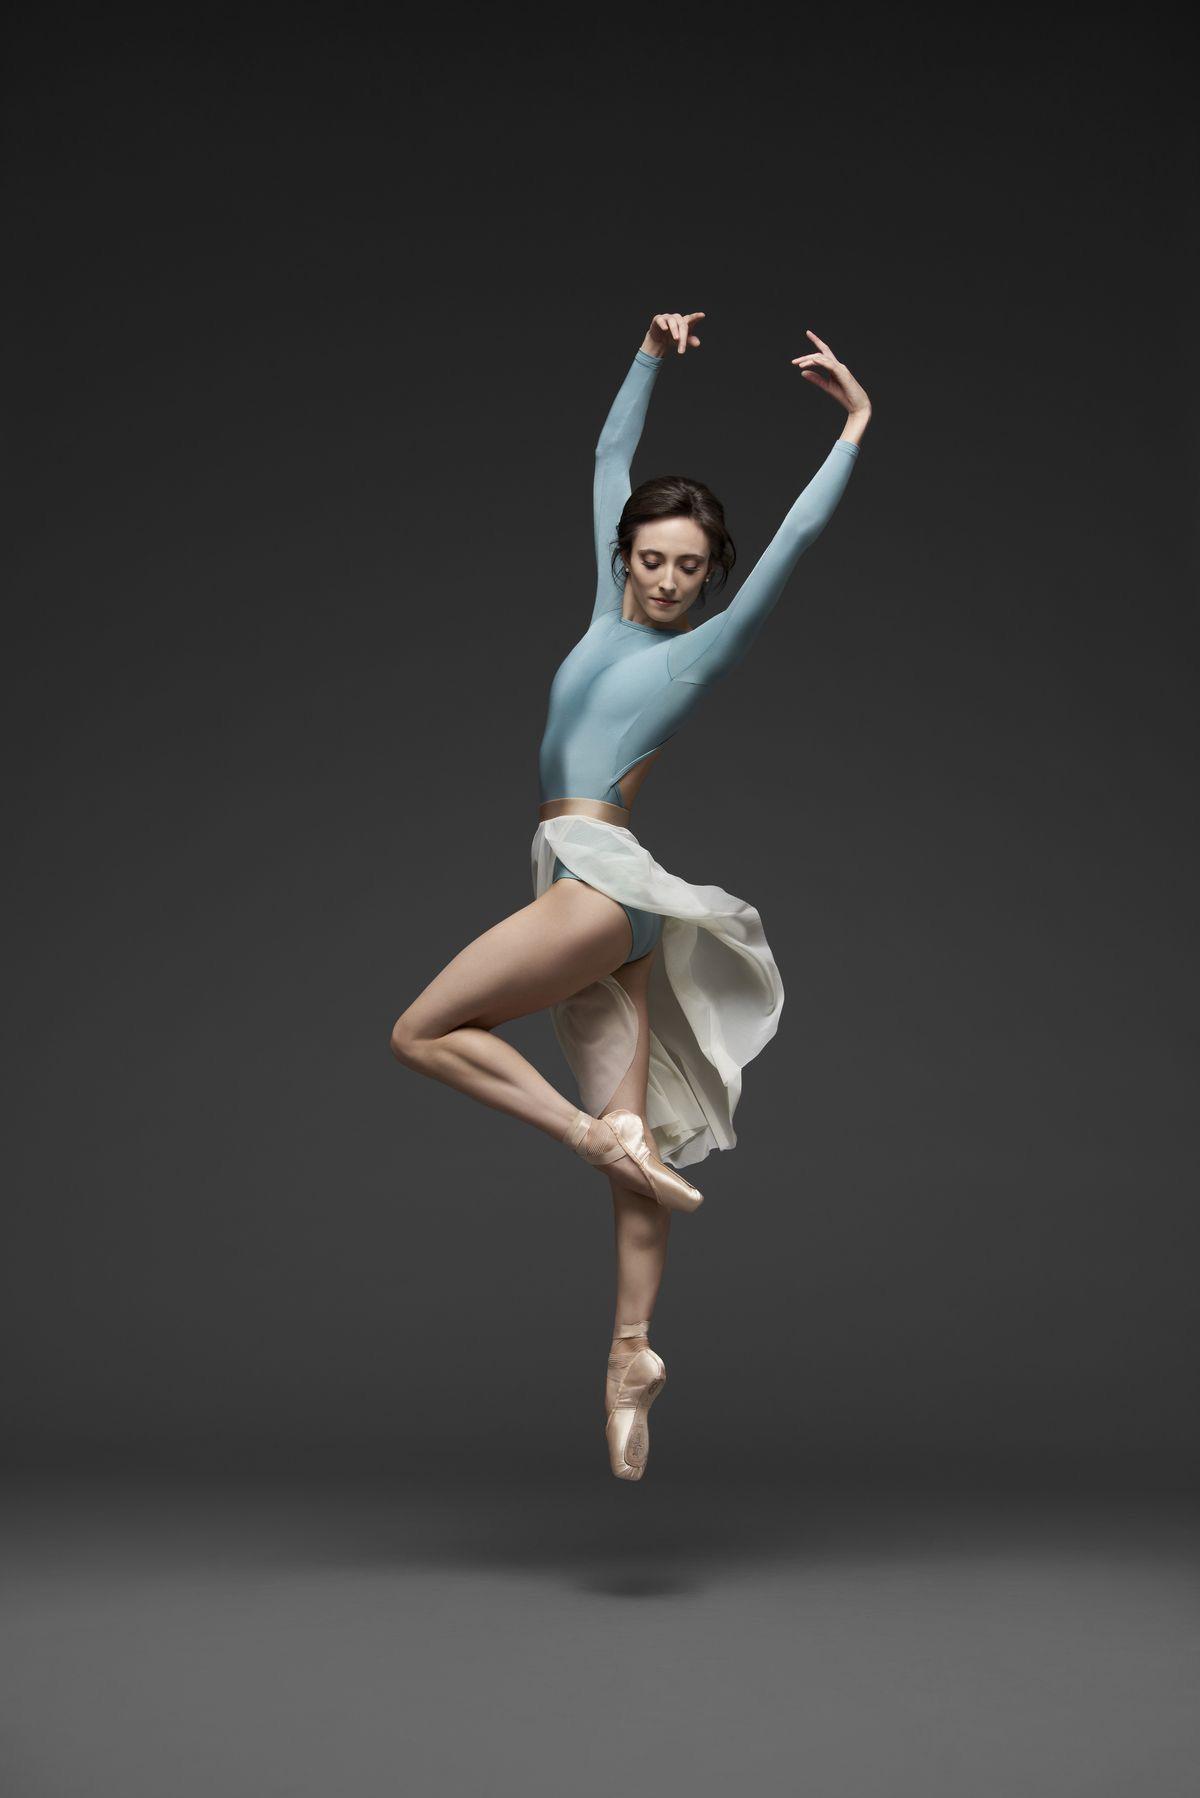 jahna ballerina | Foto di danza, Immagini di danza, Pose